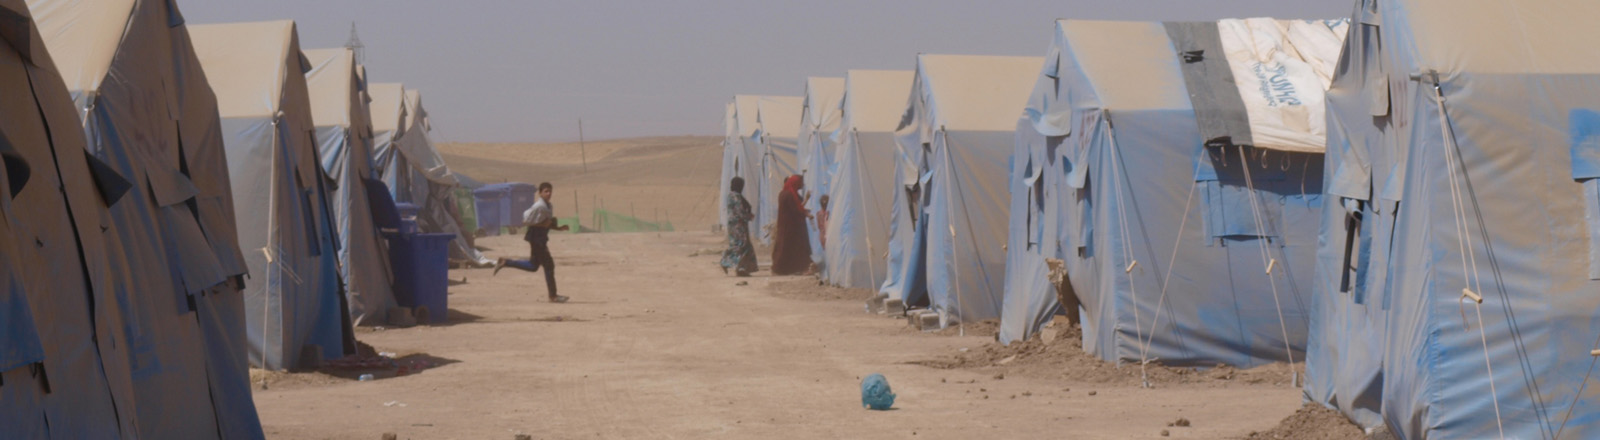 Zelte in einem Camp bei Erbil